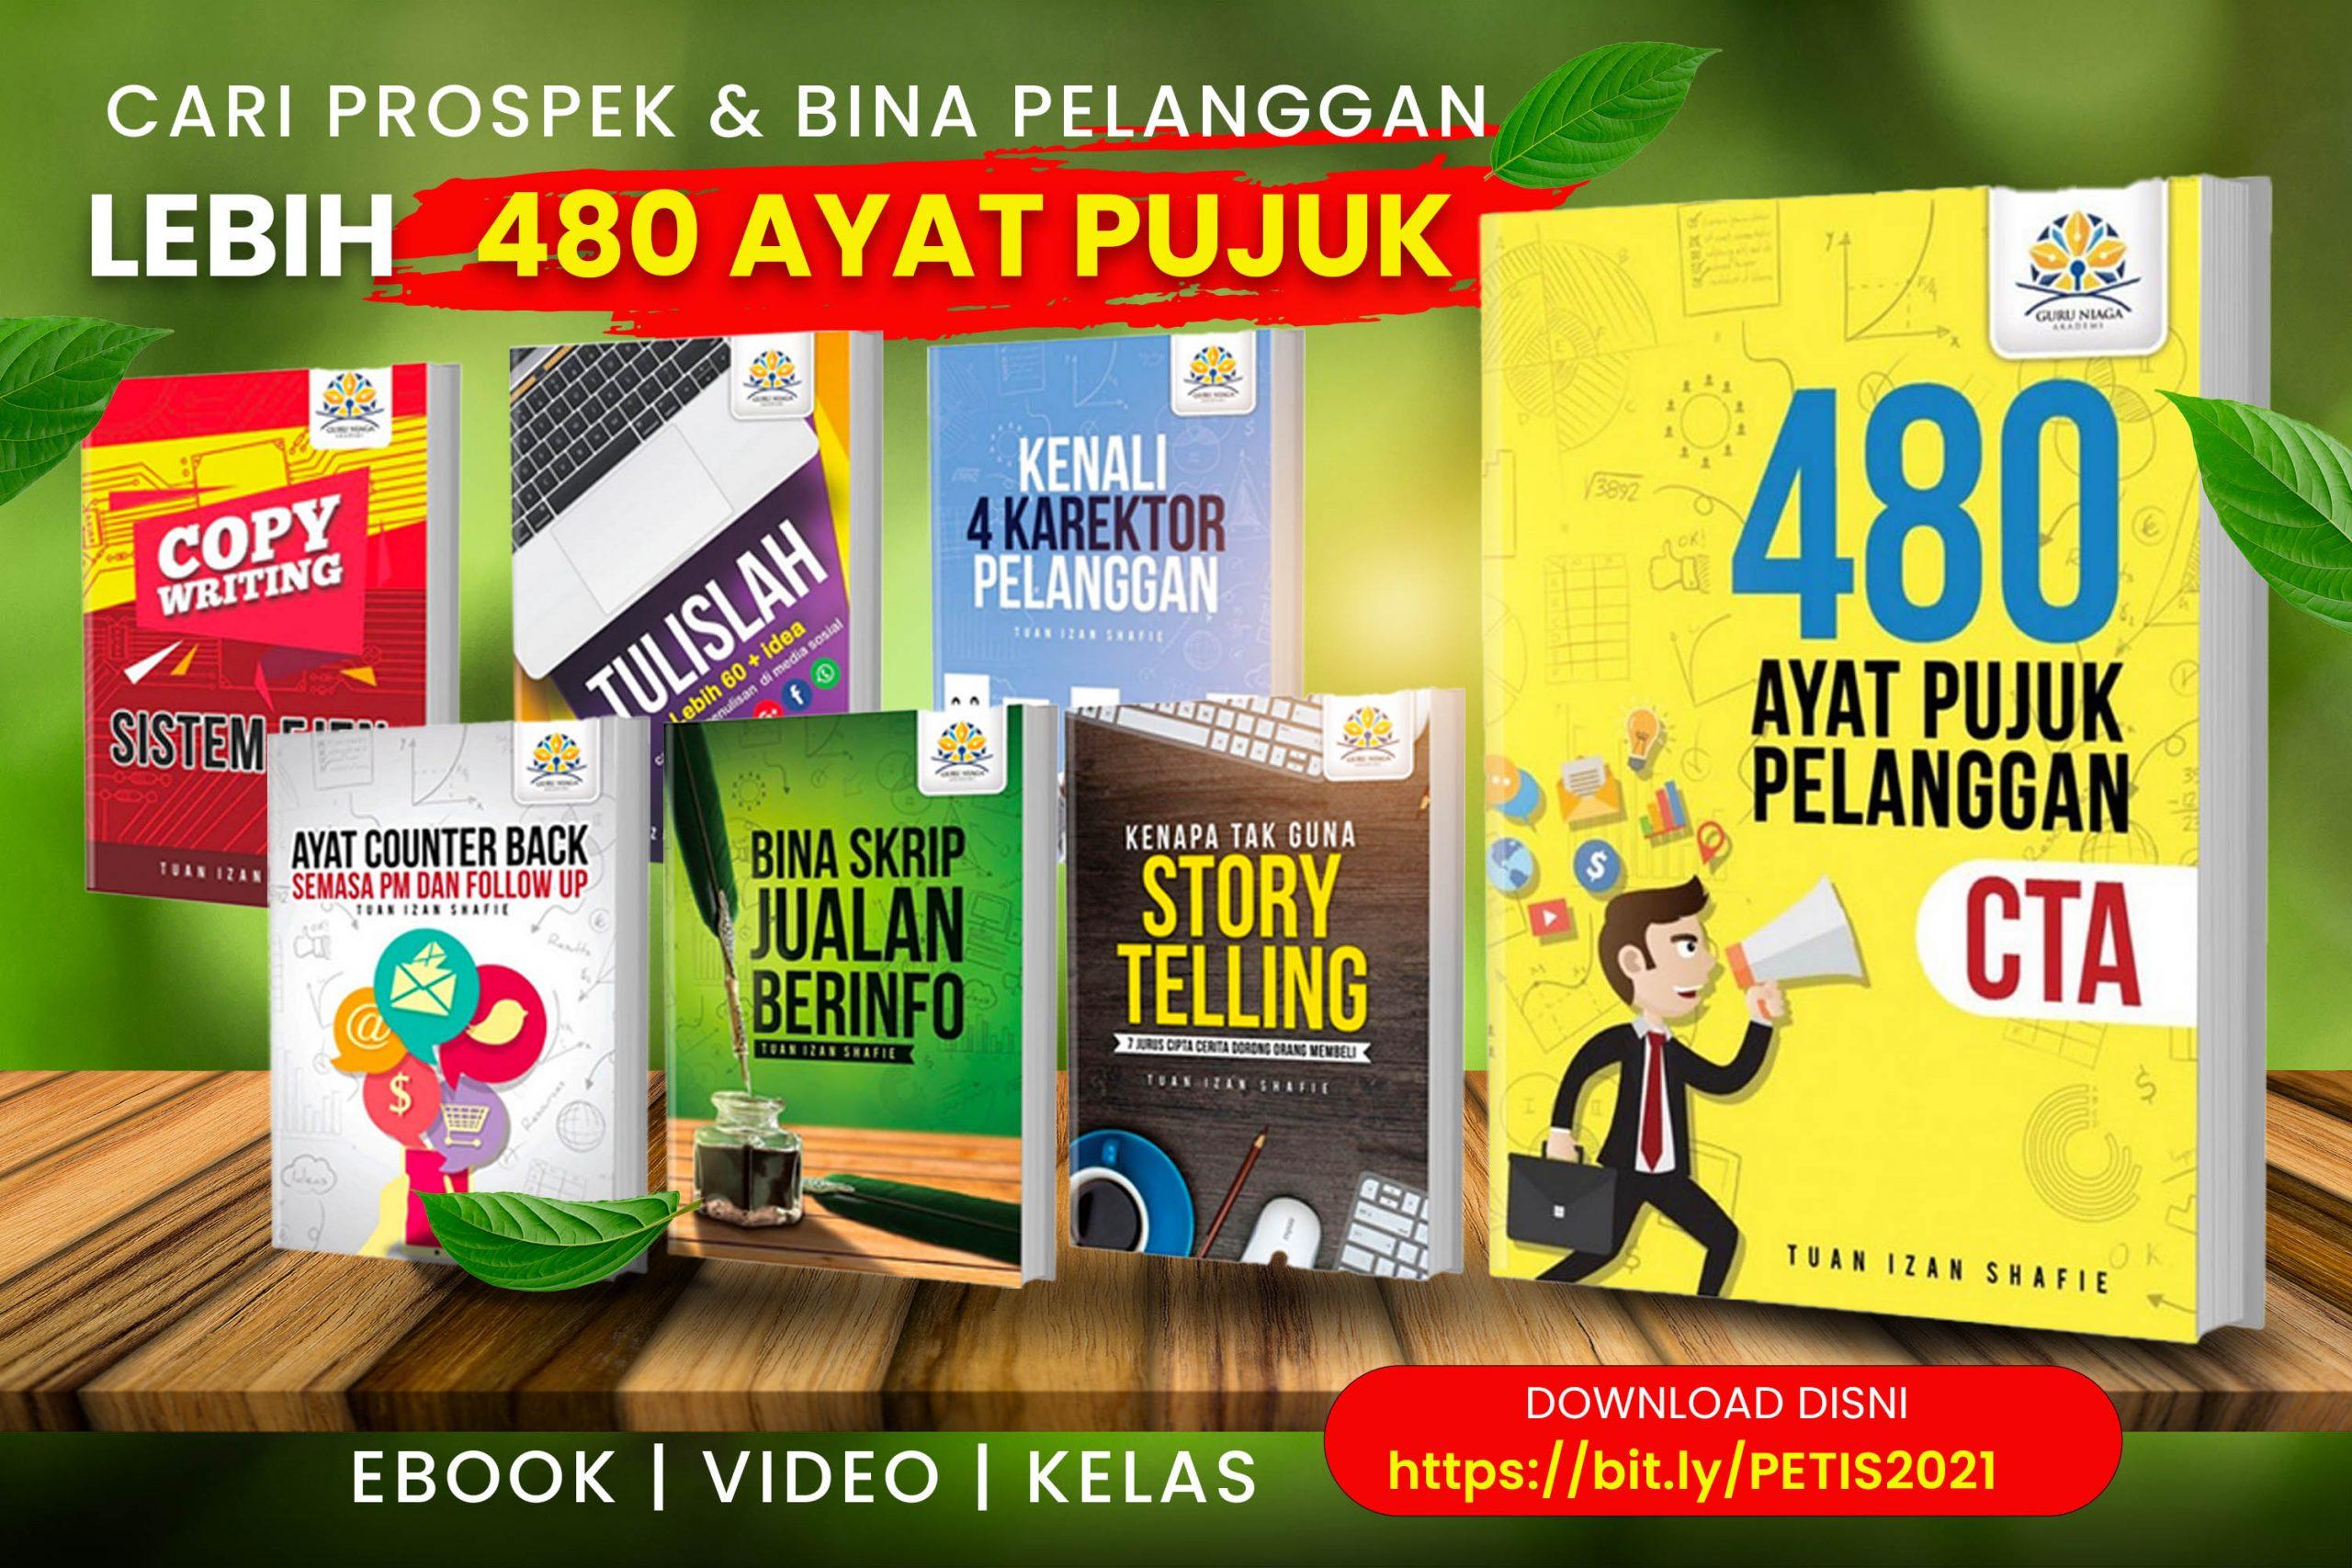 480 ayat pujuk pelanggan